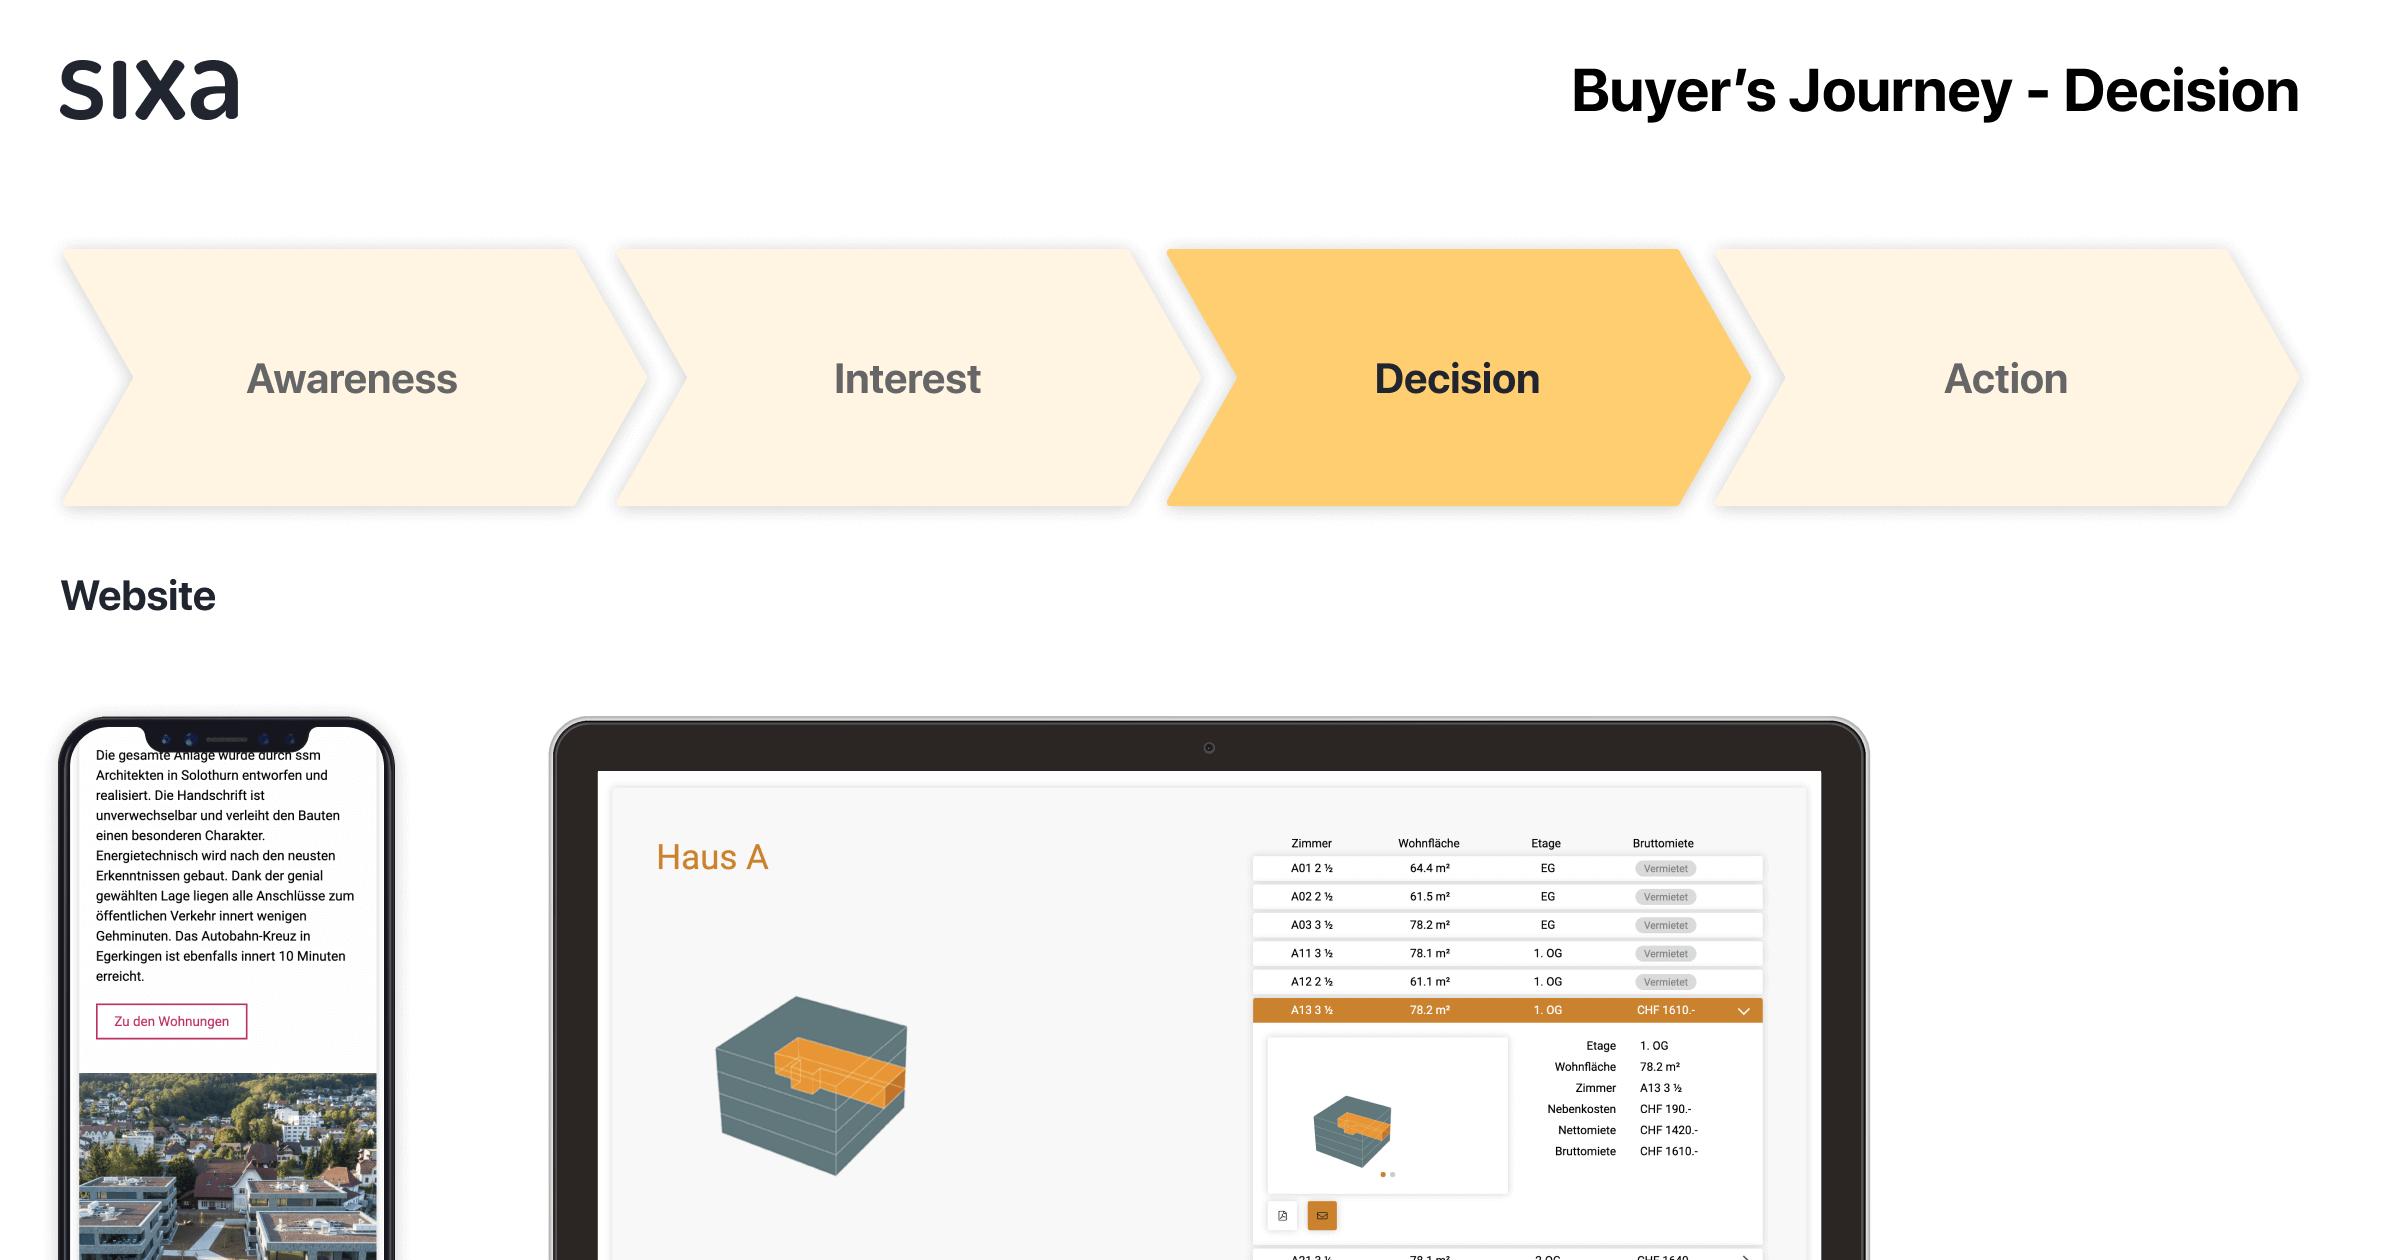 Übersicht Buyer's Journey - Decision.